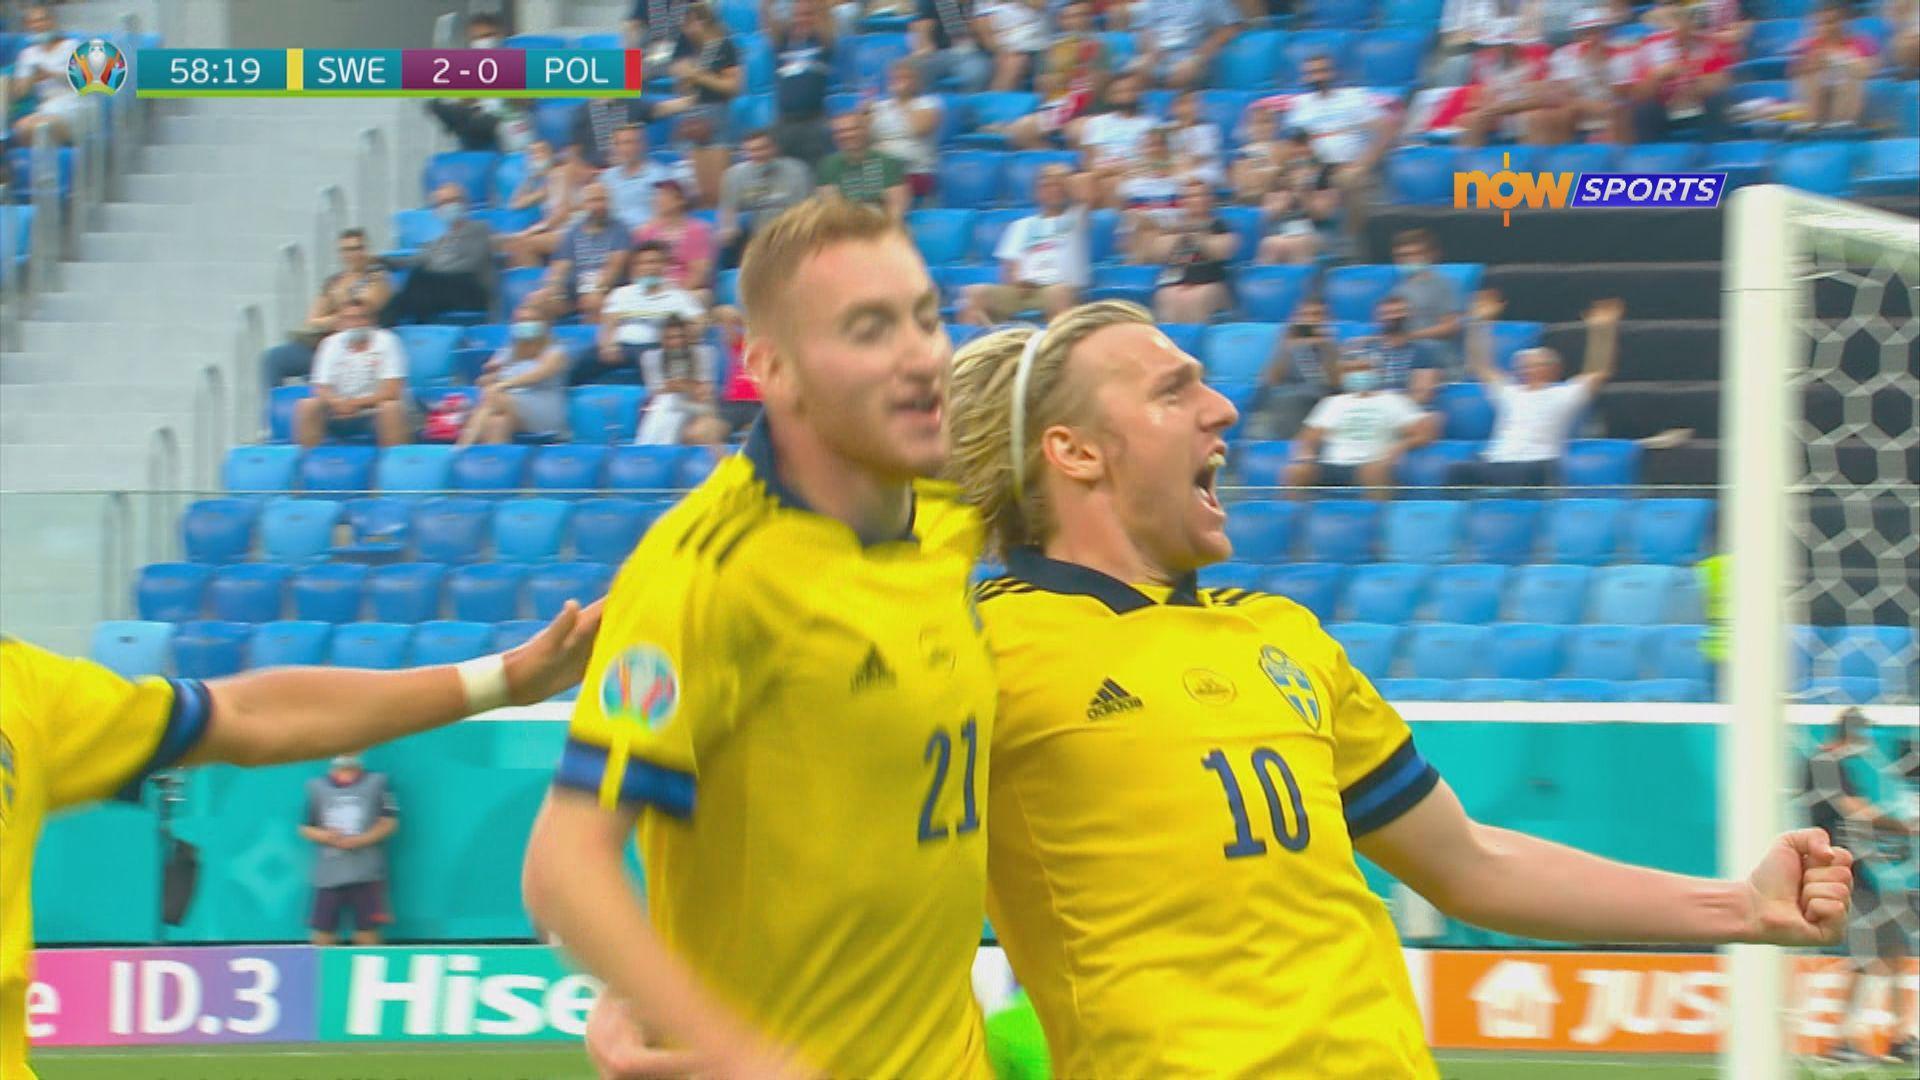 歐國盃 瑞典3:2波蘭